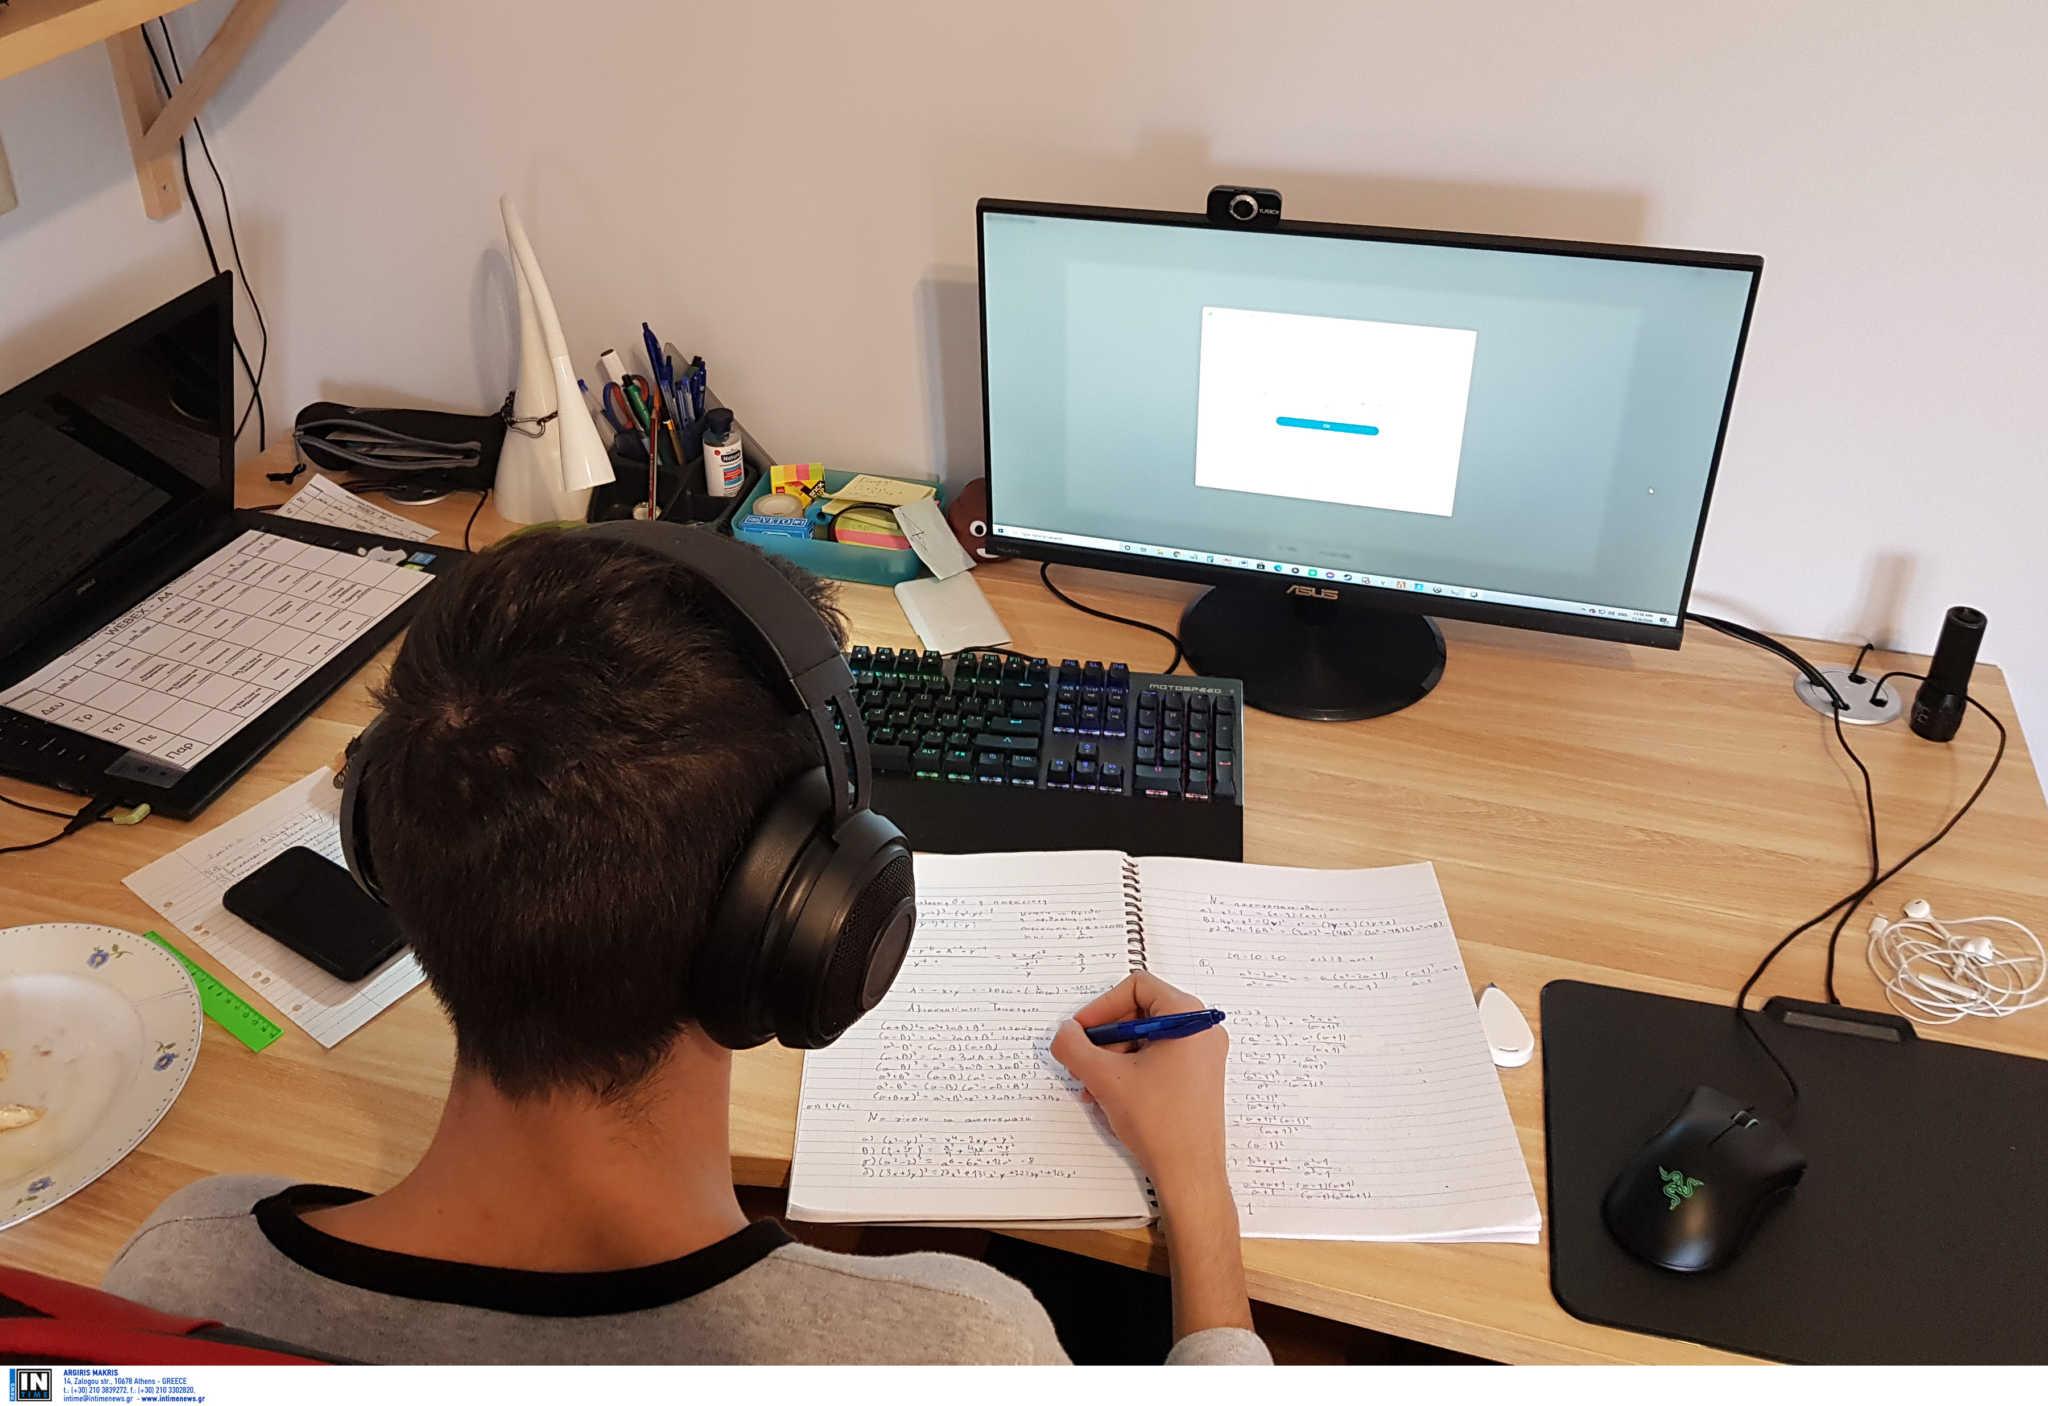 Τηλεκπαίδευση: Πώς θα βαθμολογηθούν οι μαθητές Γυμνασίων και Λυκείων για το Α΄ τετράμηνο